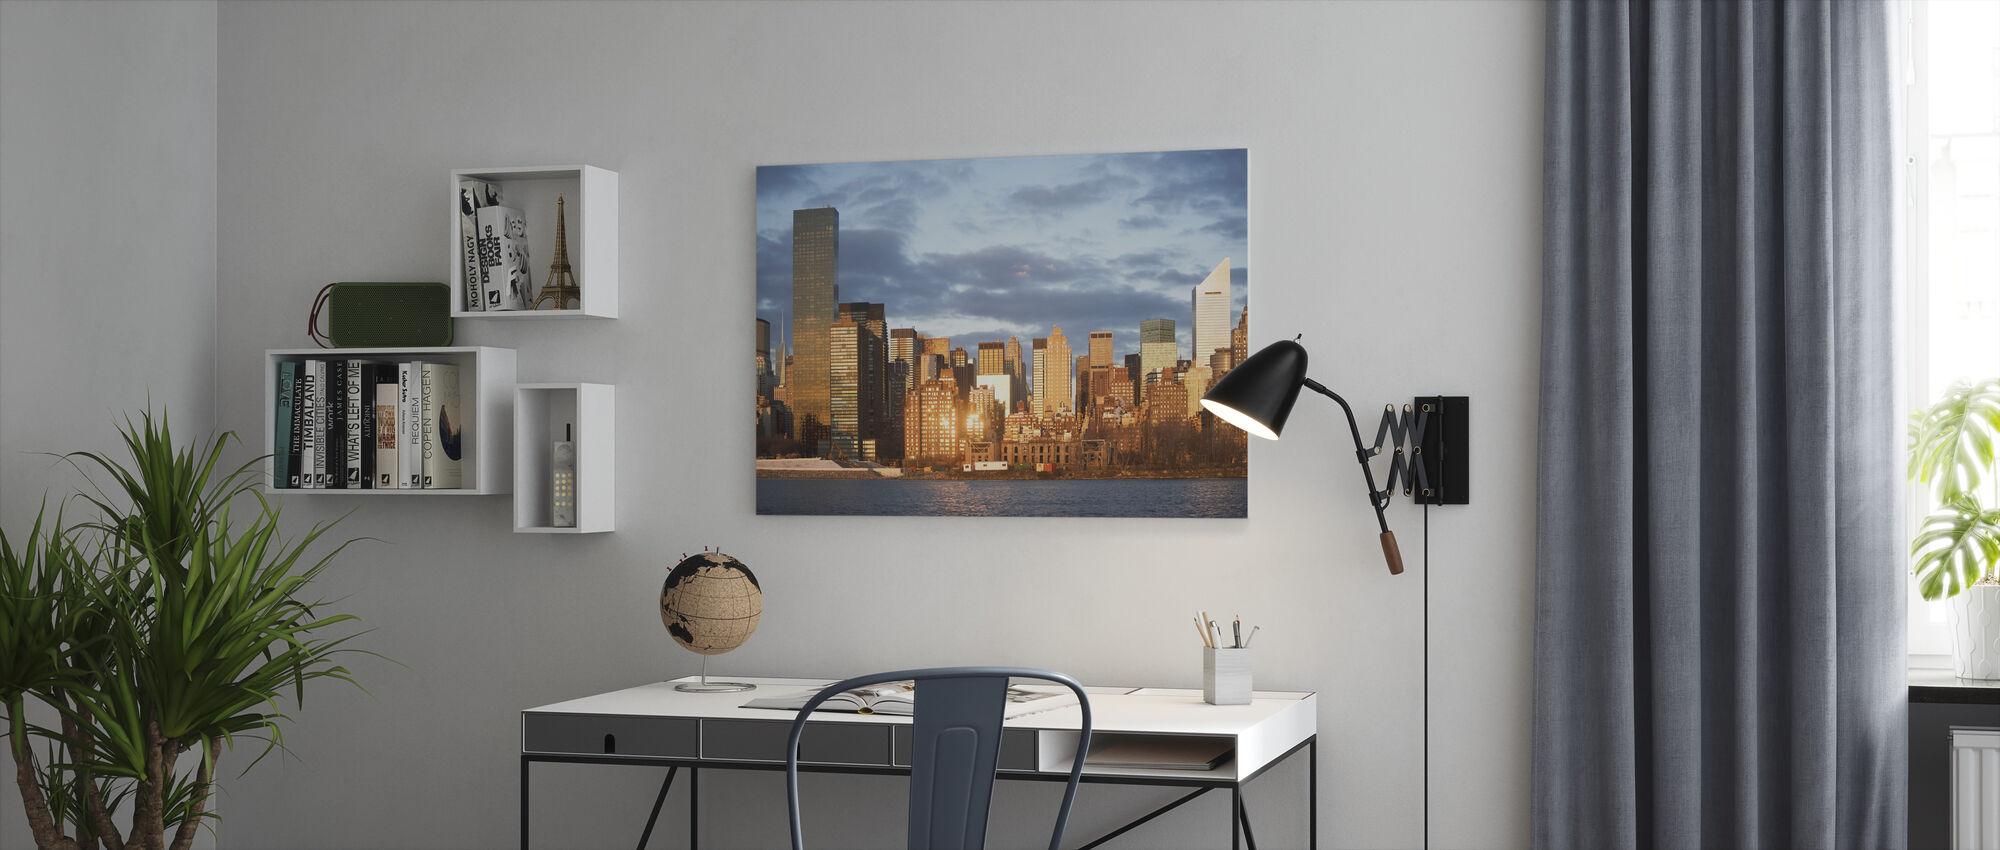 Amber solnedgang over New York - Billede på lærred - Kontor